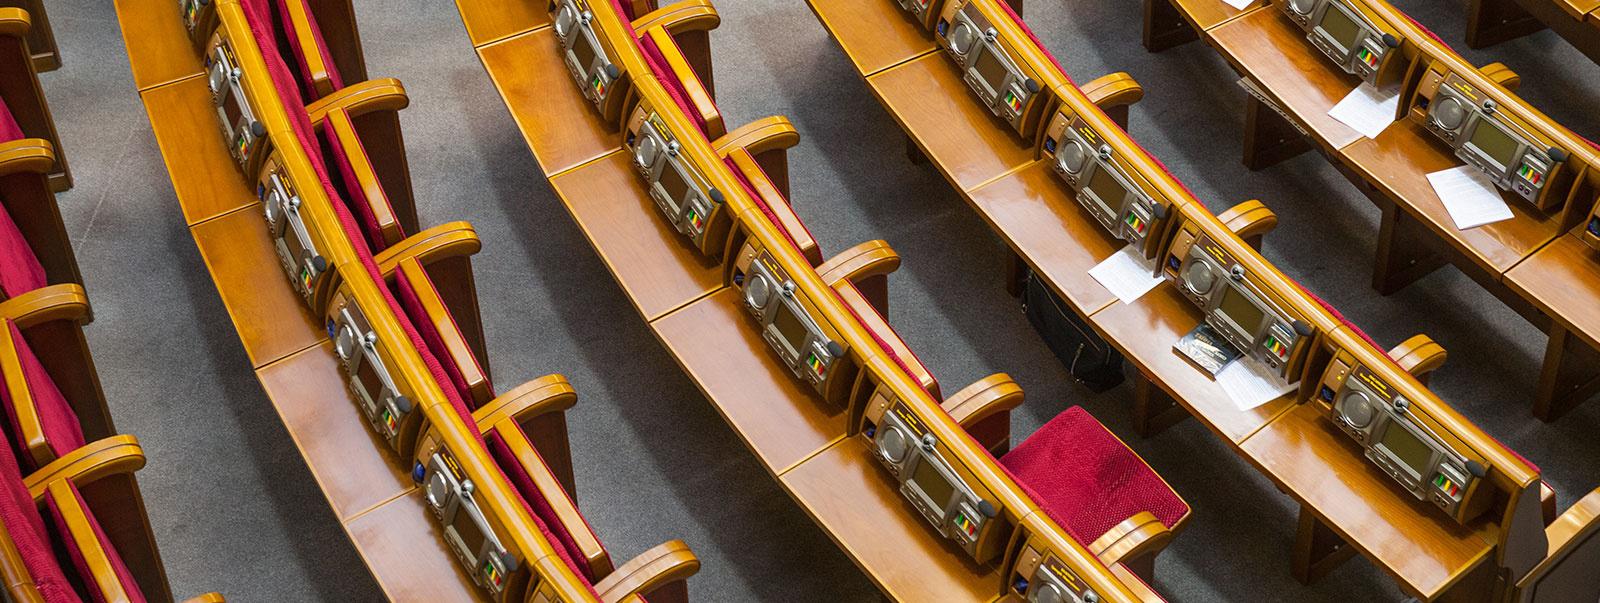 НБУ и депутаты: по разные стороны баррикады